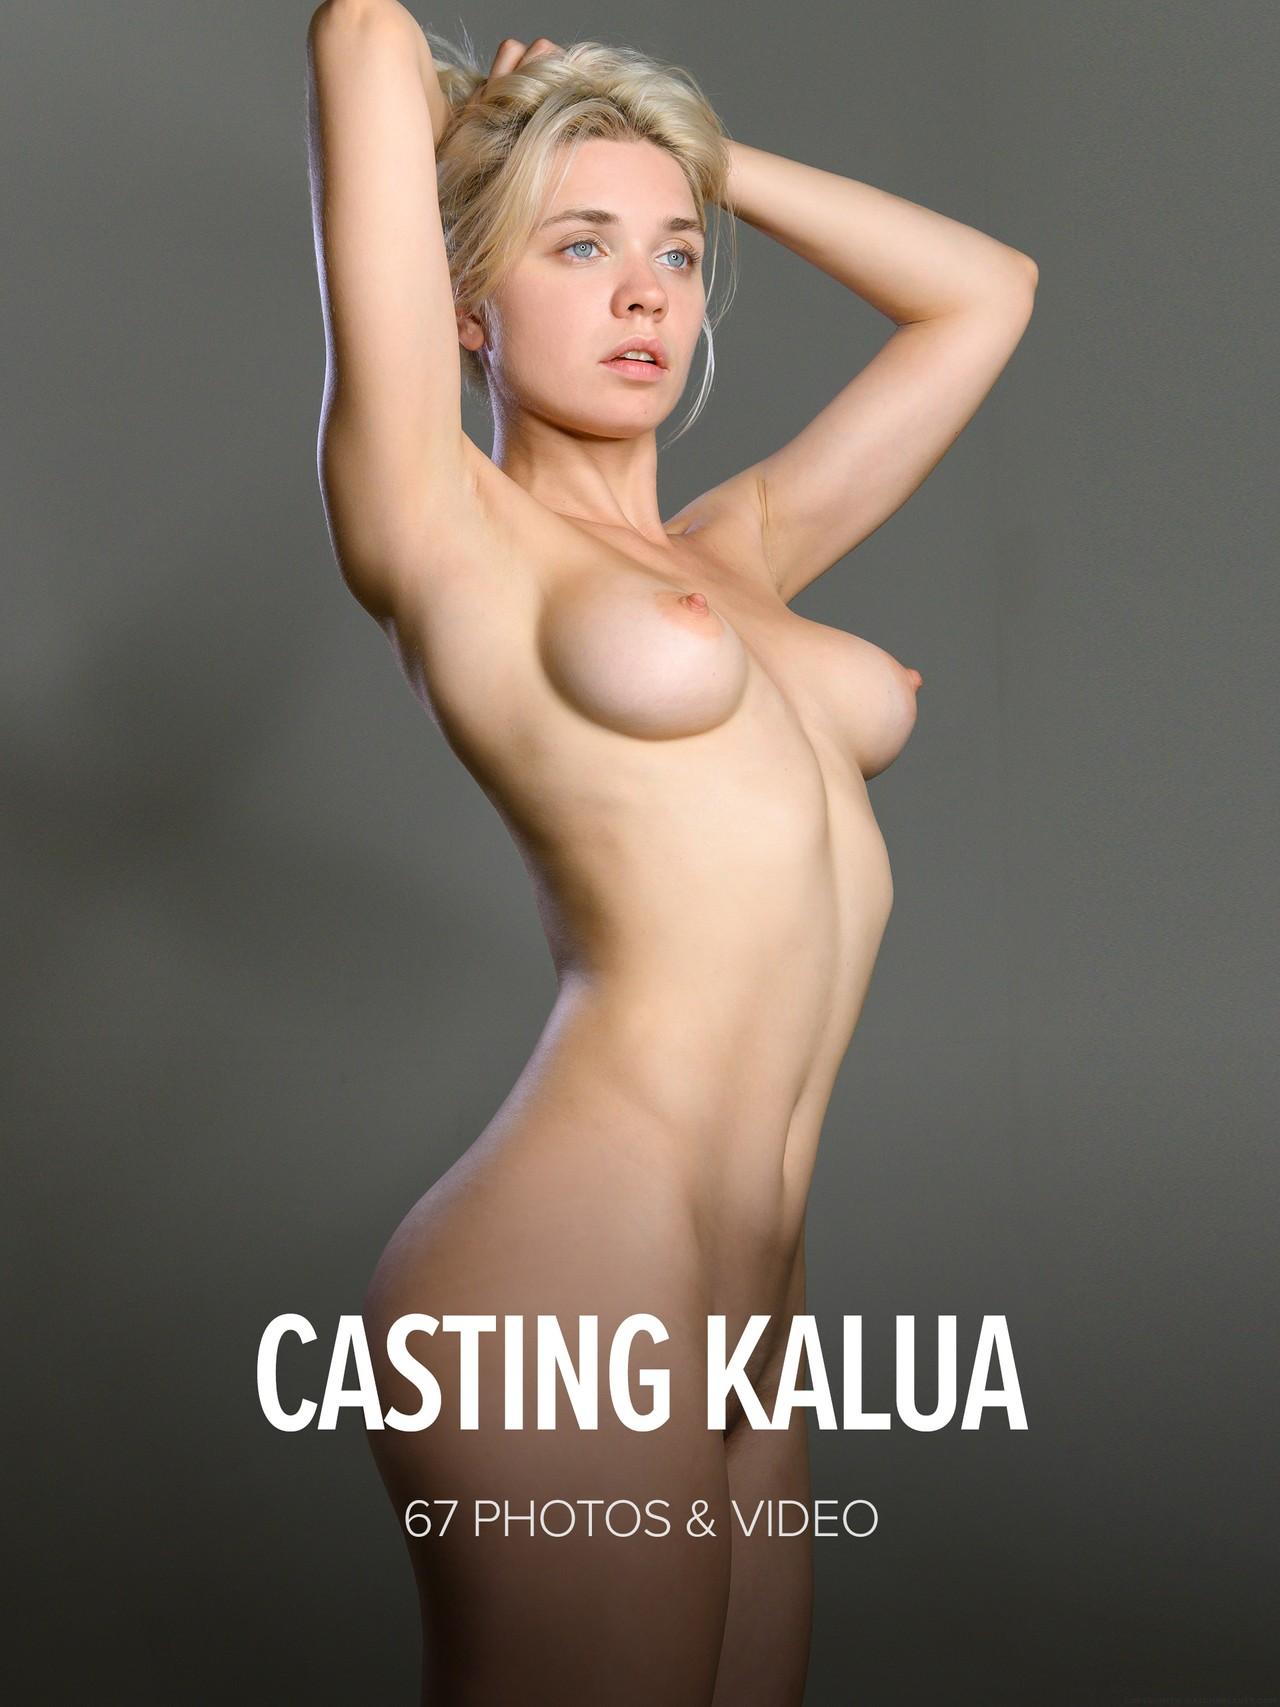 Kalua: CASTING Kalua